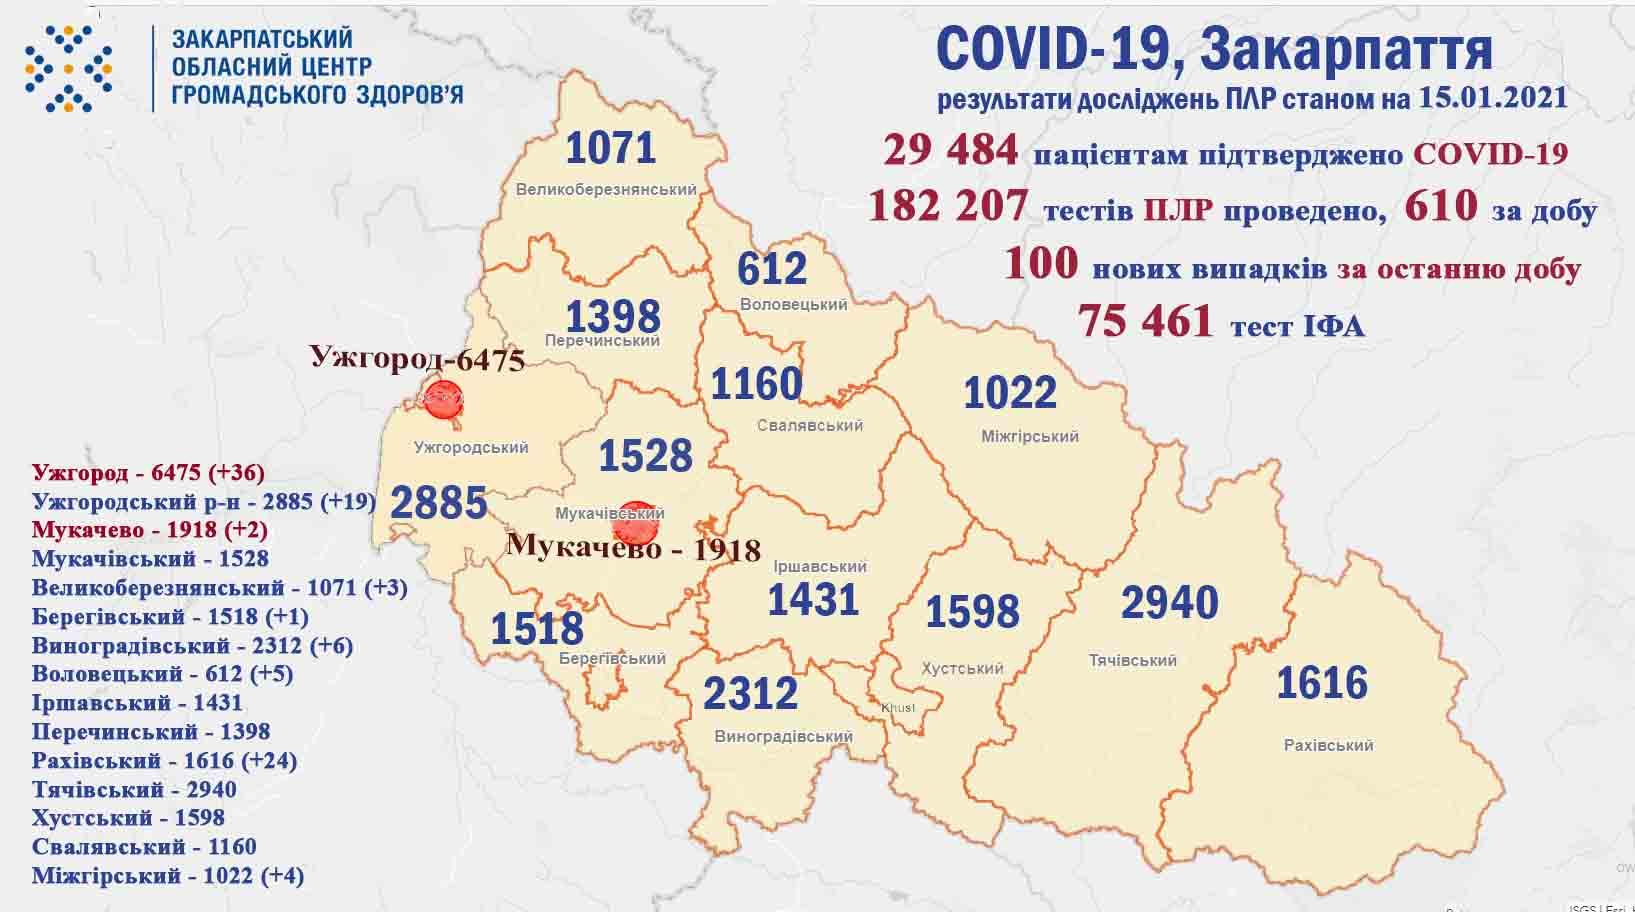 100 нових випадків COVID-19 виявлено за добу на Закарпатті